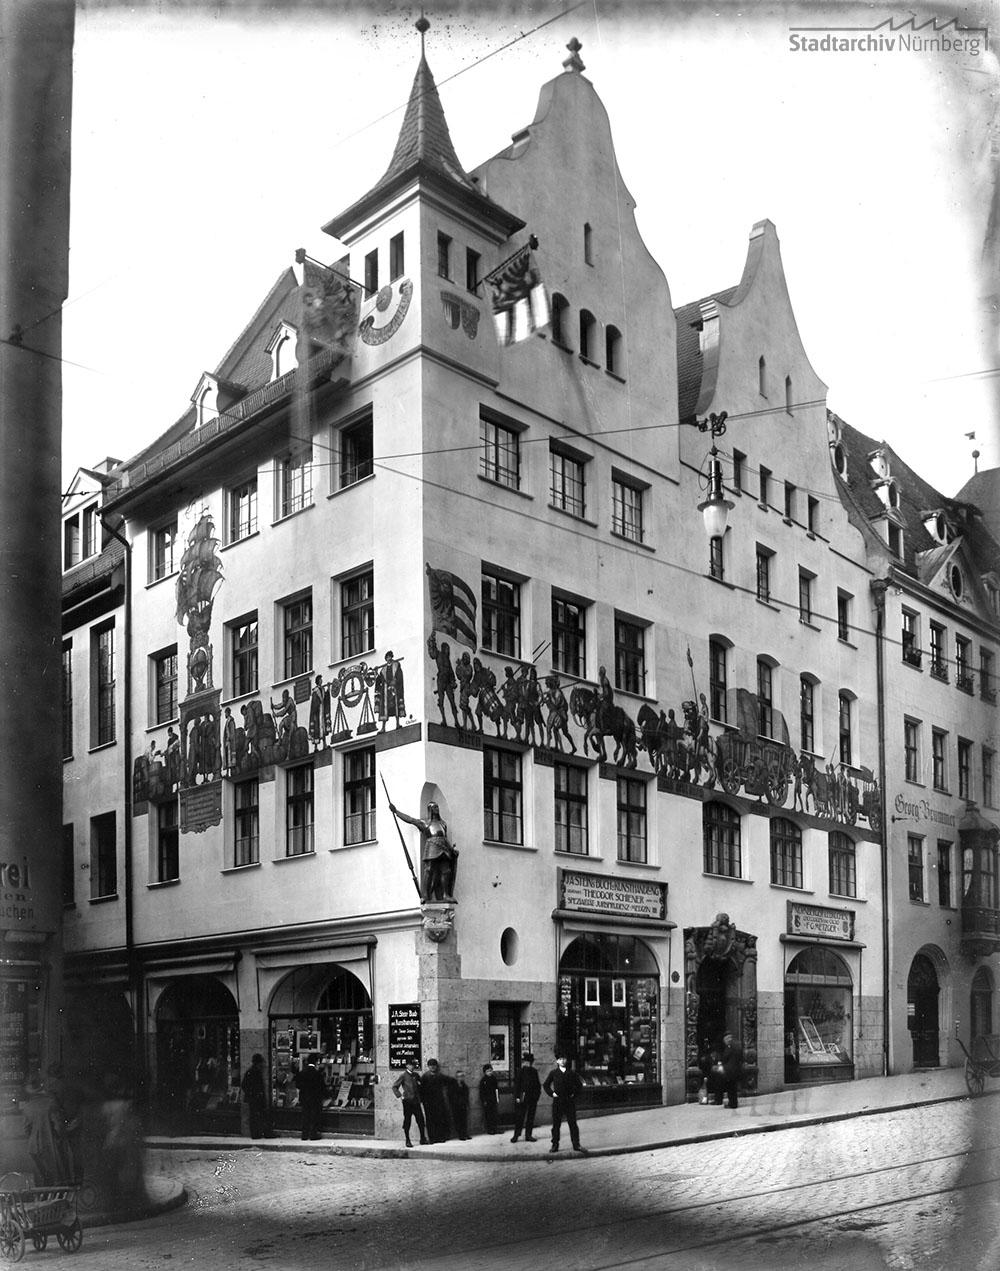 IHK-Gebäude, Hauptmarkt 25. Fotografie von Ferdinand Schmidt, undatiert (um 1900)